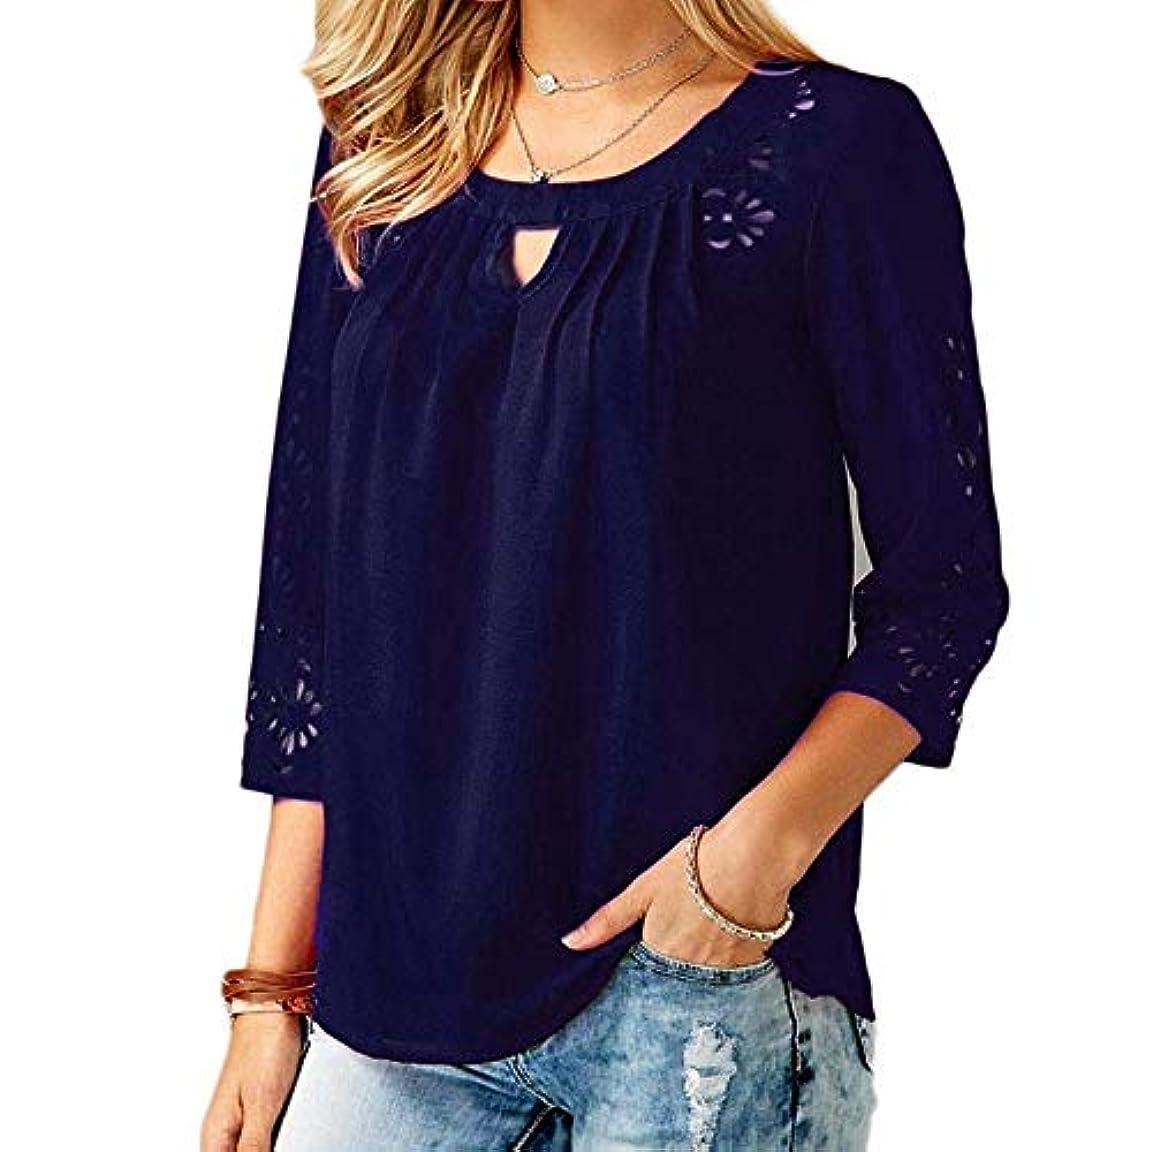 MIFAN ゆったりTシャツ、シフォンシャツ、カジュアルシャツ、女性トップ、プラスサイズトップ